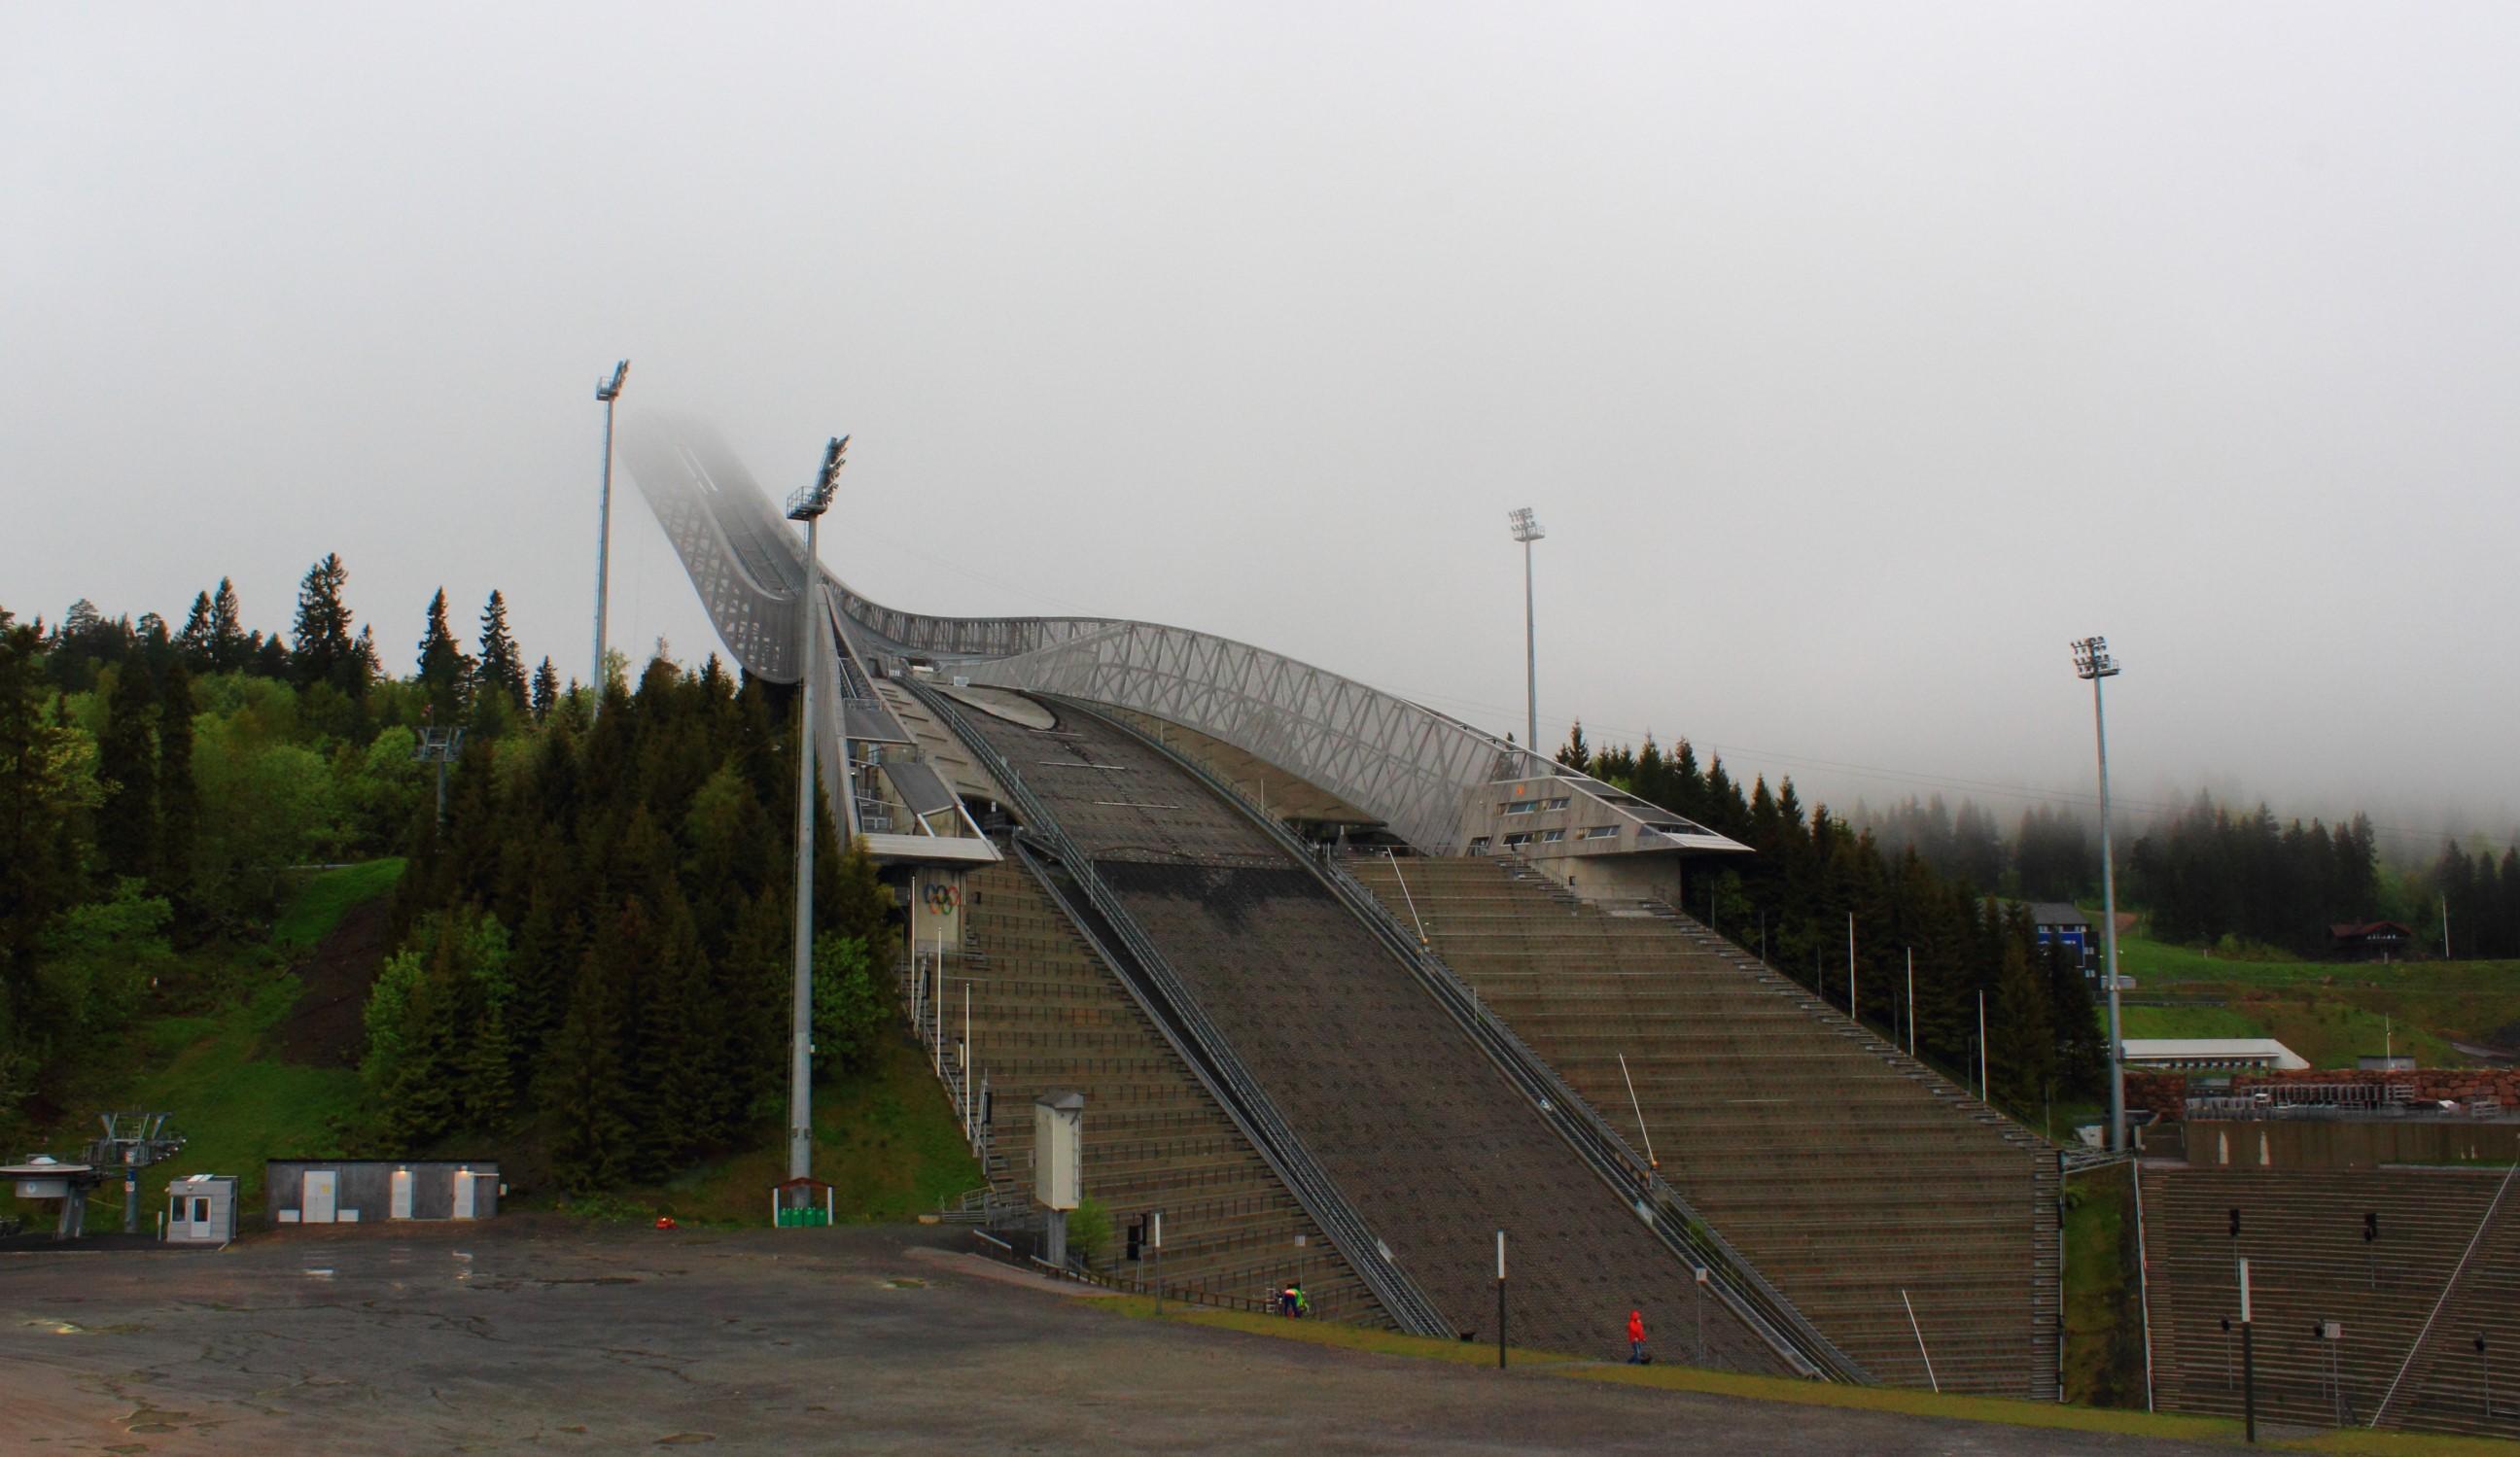 Skocznia narciarska w Holmenkollen